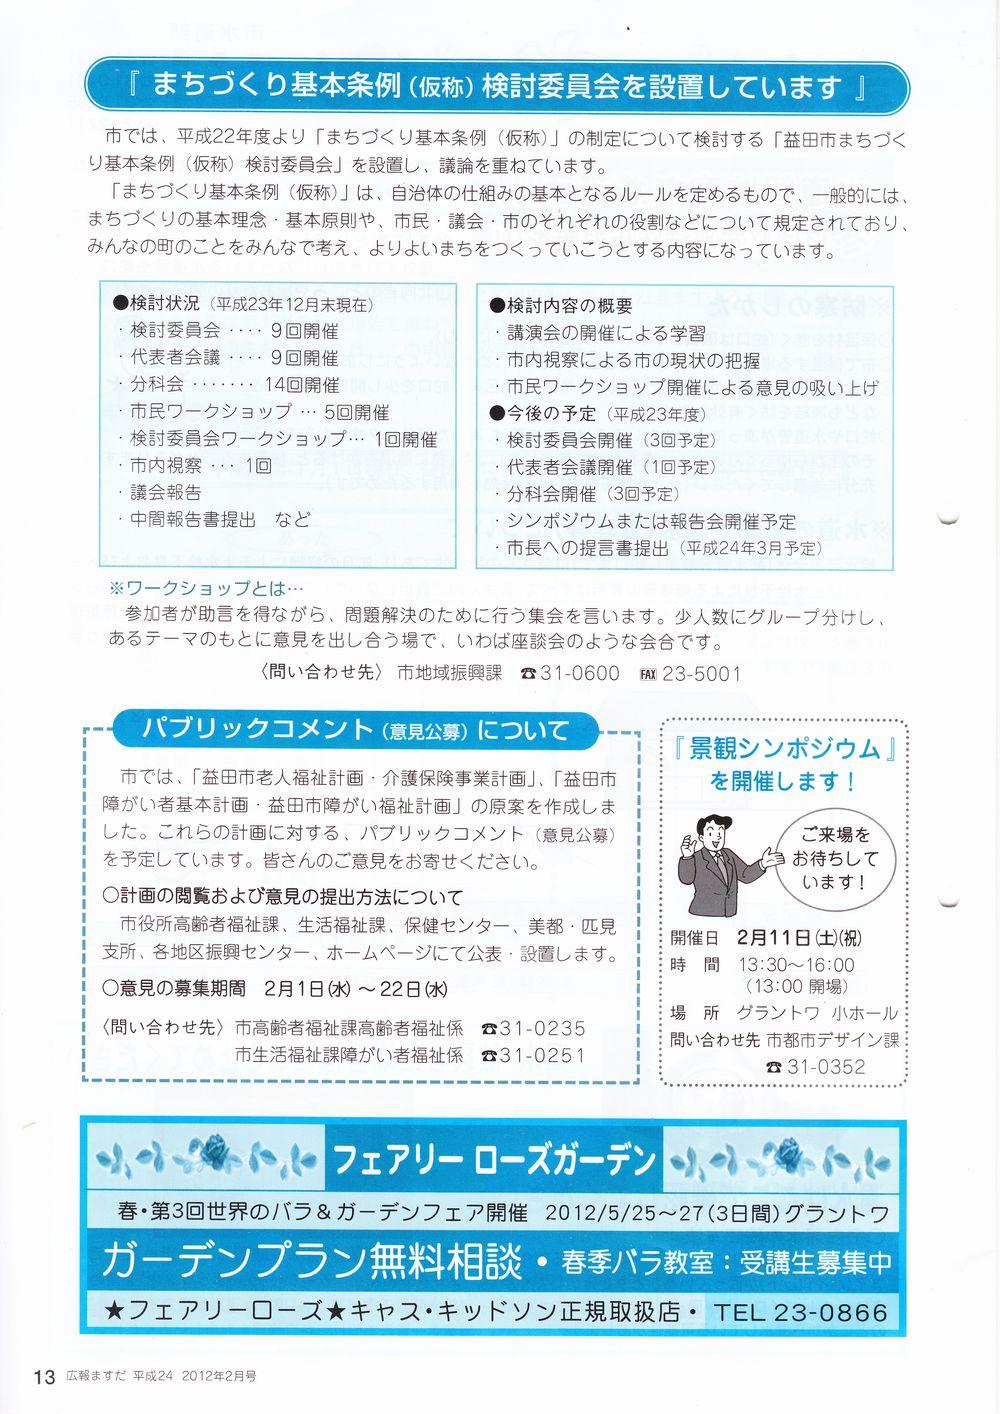 広報_まちづくり基本条例2.jpg